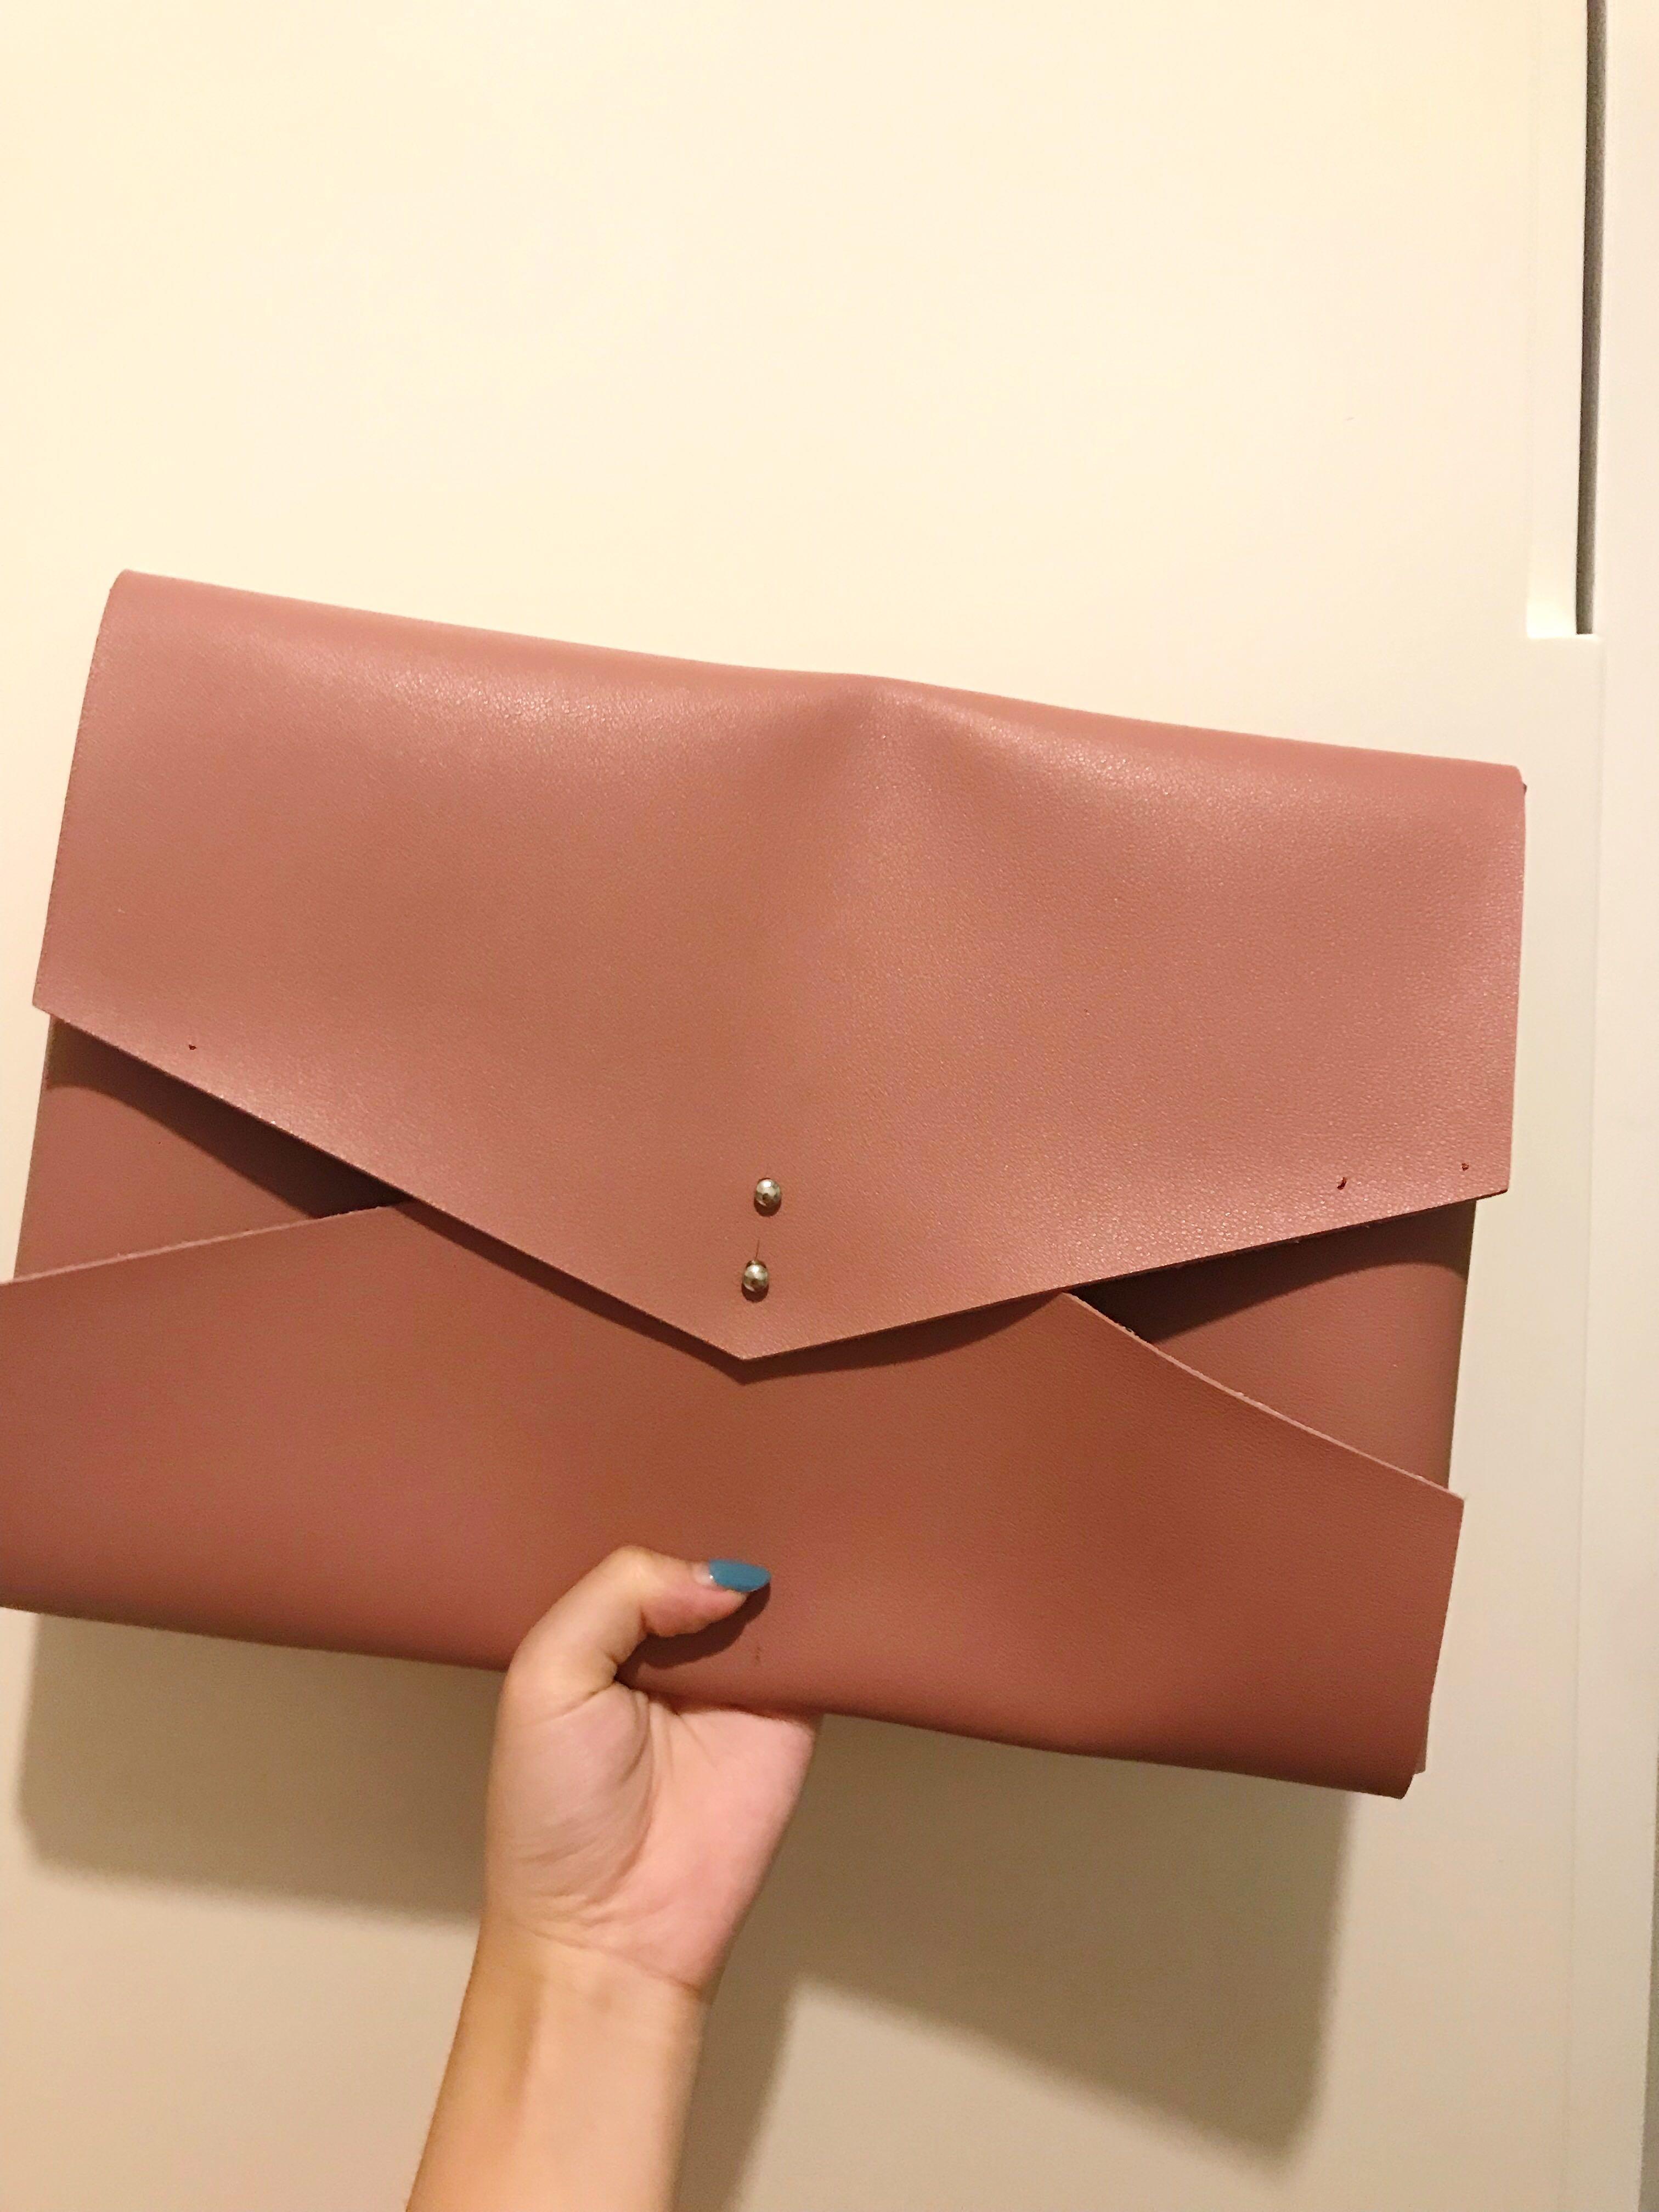 13吋laptop 袋      #sellmybags